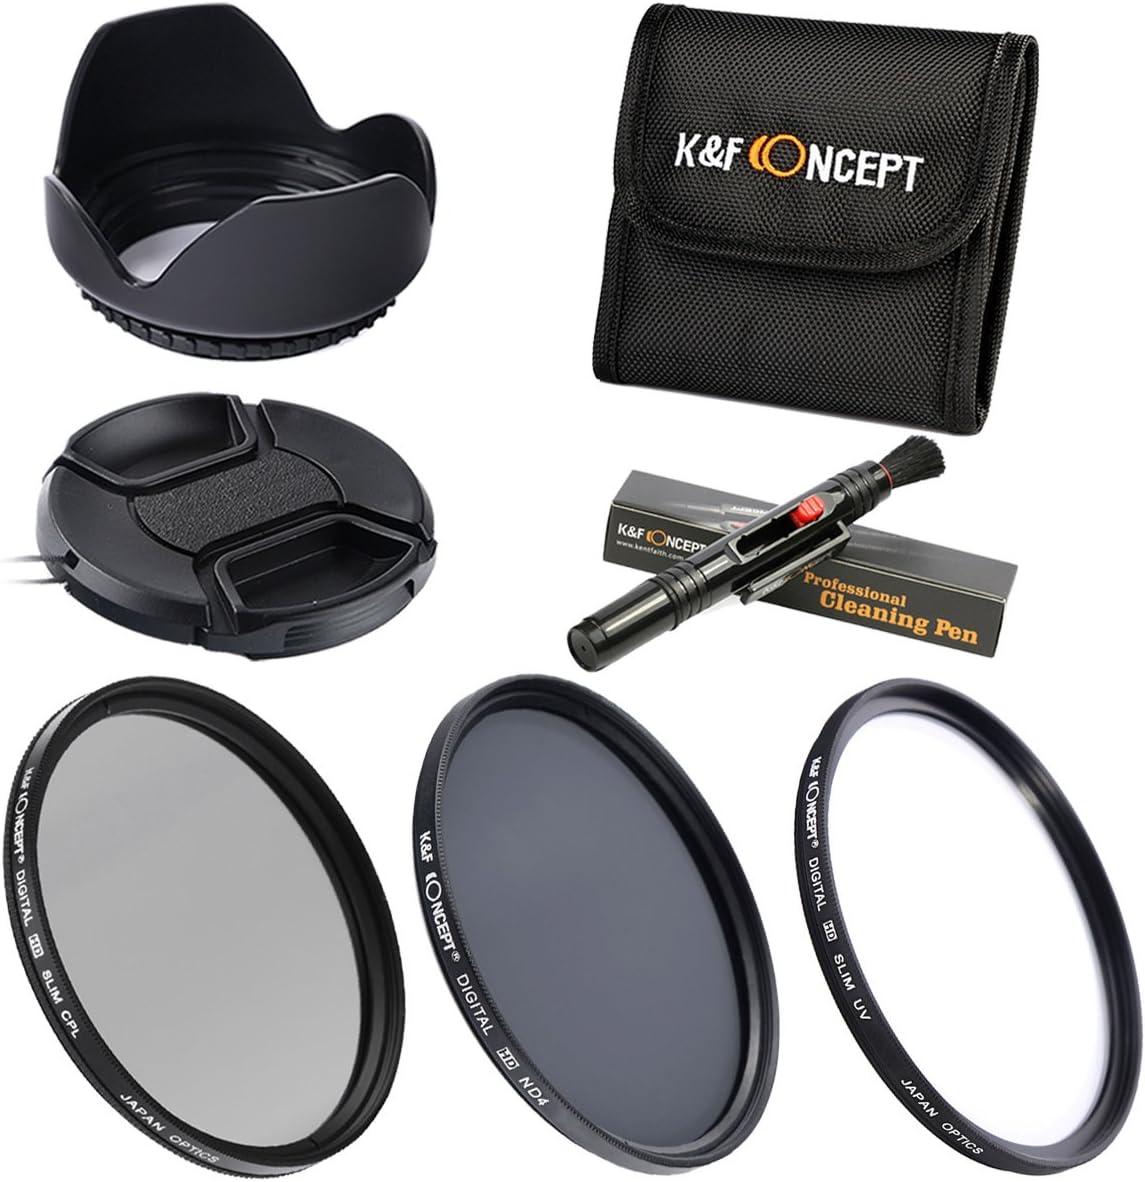 55MM UV CPL ND4 - K&F Concept Kit Filtro Objetivo 55MM Filtro Ultravioleta Filtro Polarizador Filtro de Densidad Neutra para Sony Sigma Tamron DSLR Cámara - incluye Lente de 55mm + Pluma de Limpie